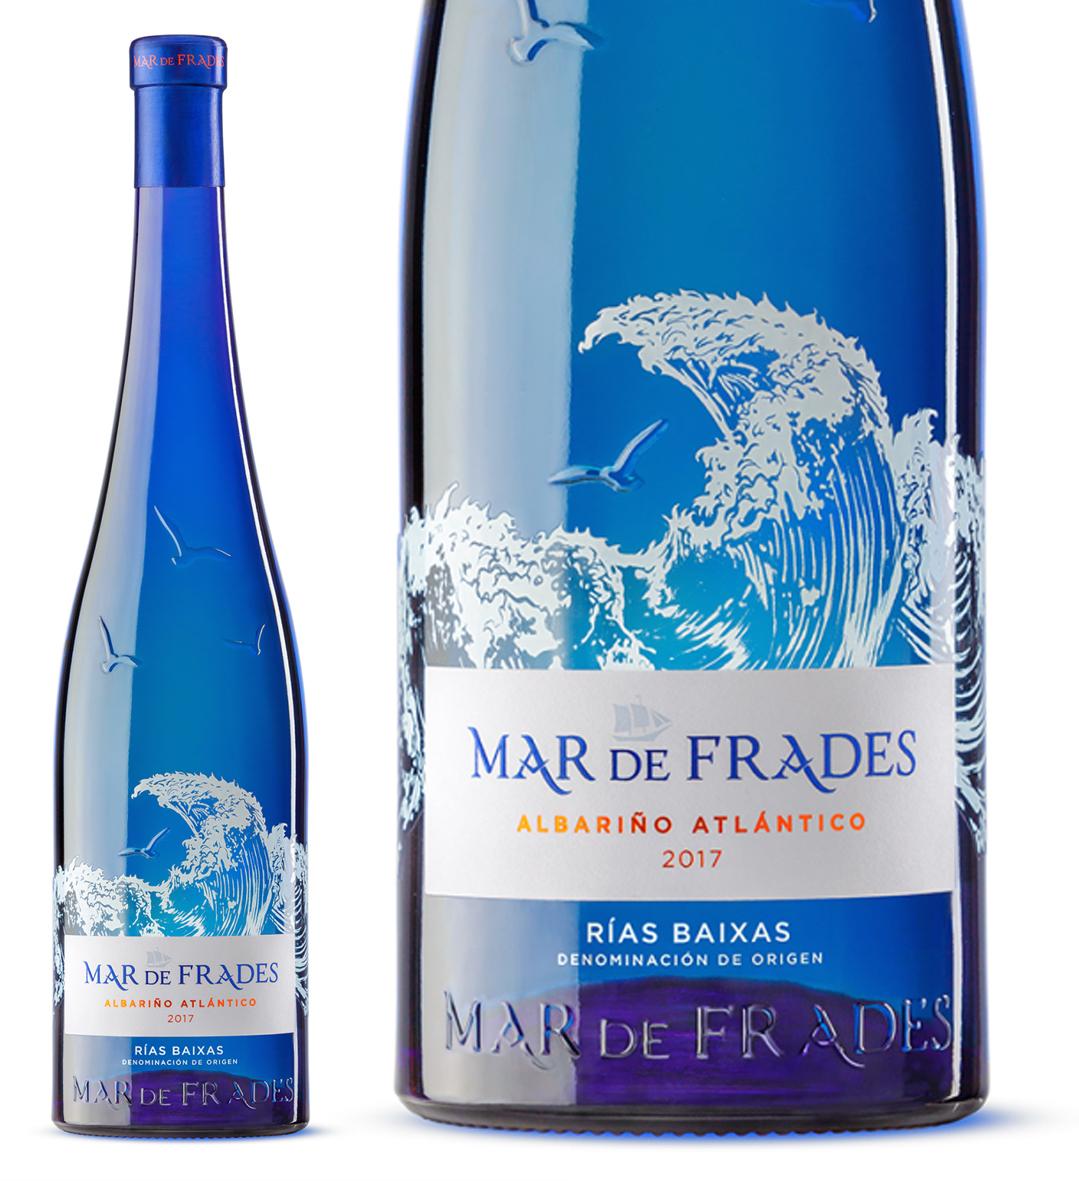 La nueva añada 2017 de Mar de Frades llega al mercado